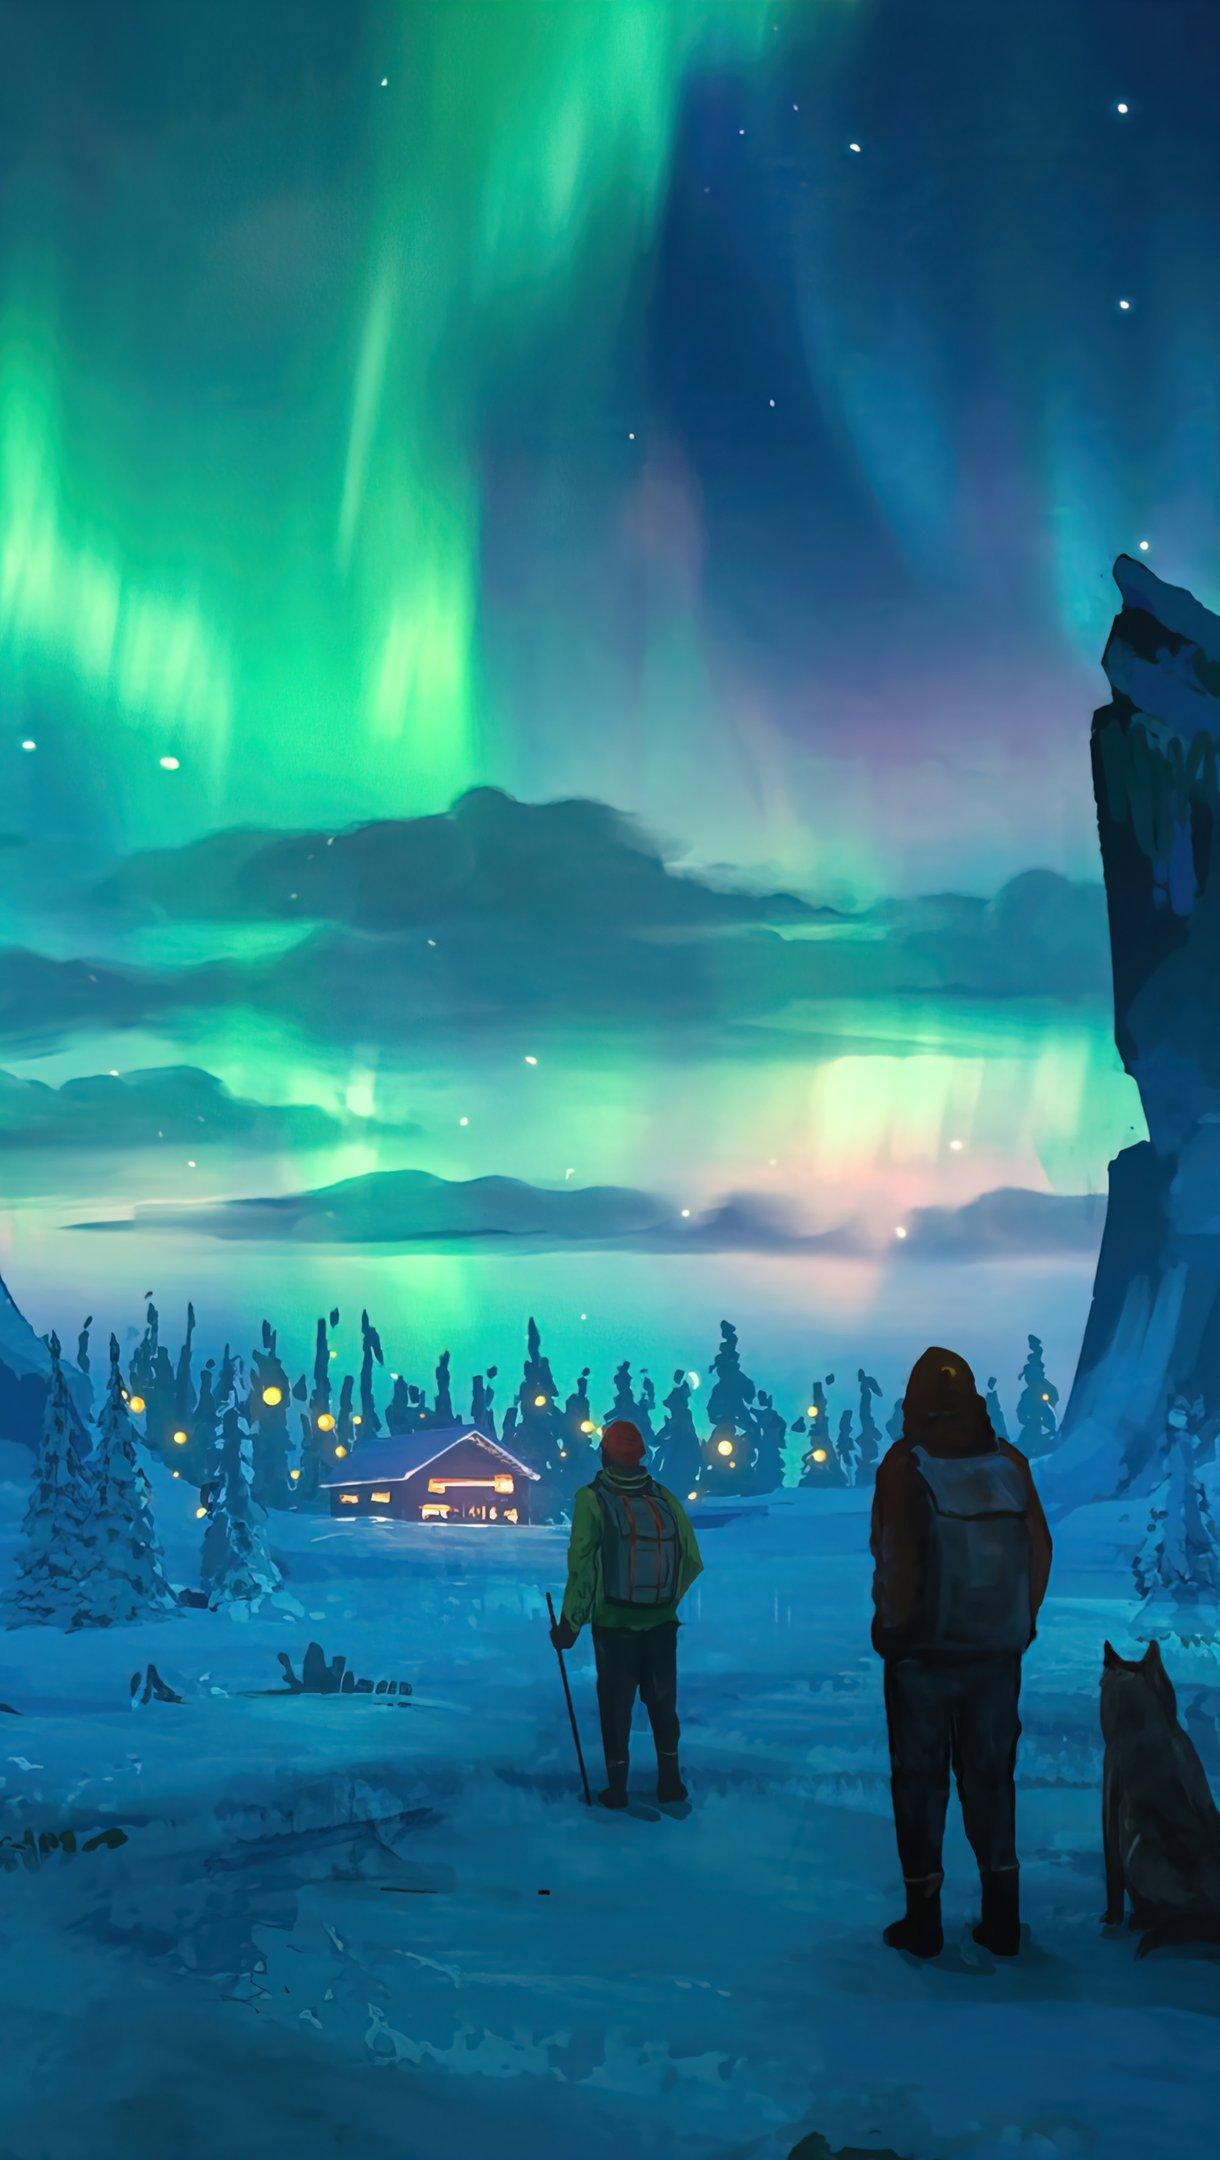 Fondos de pantalla Aurora polar en el cielo nocturno Arte Digital Vertical